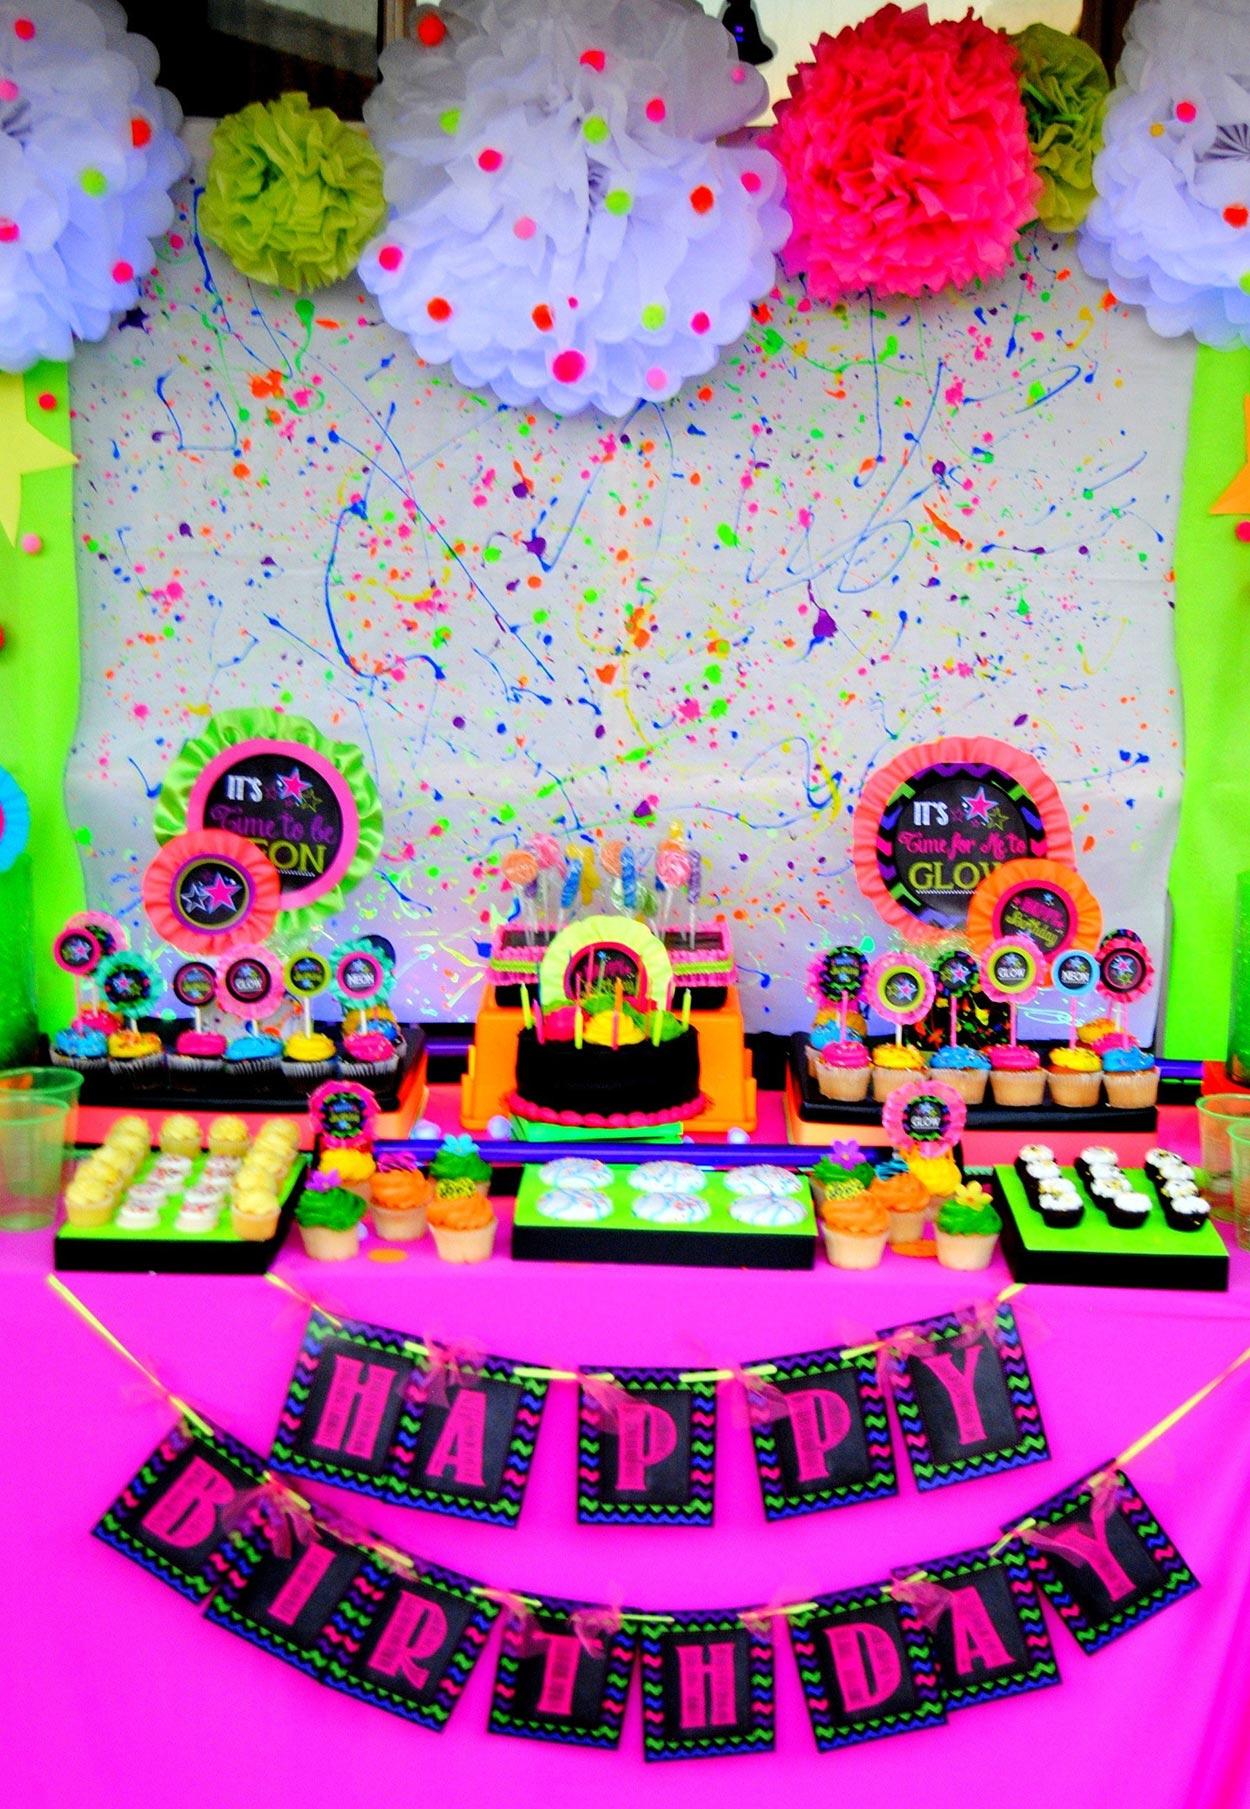 A composição da mesa do bolo é meio bagunçada propositadamente, com as variações de cores que preferir!